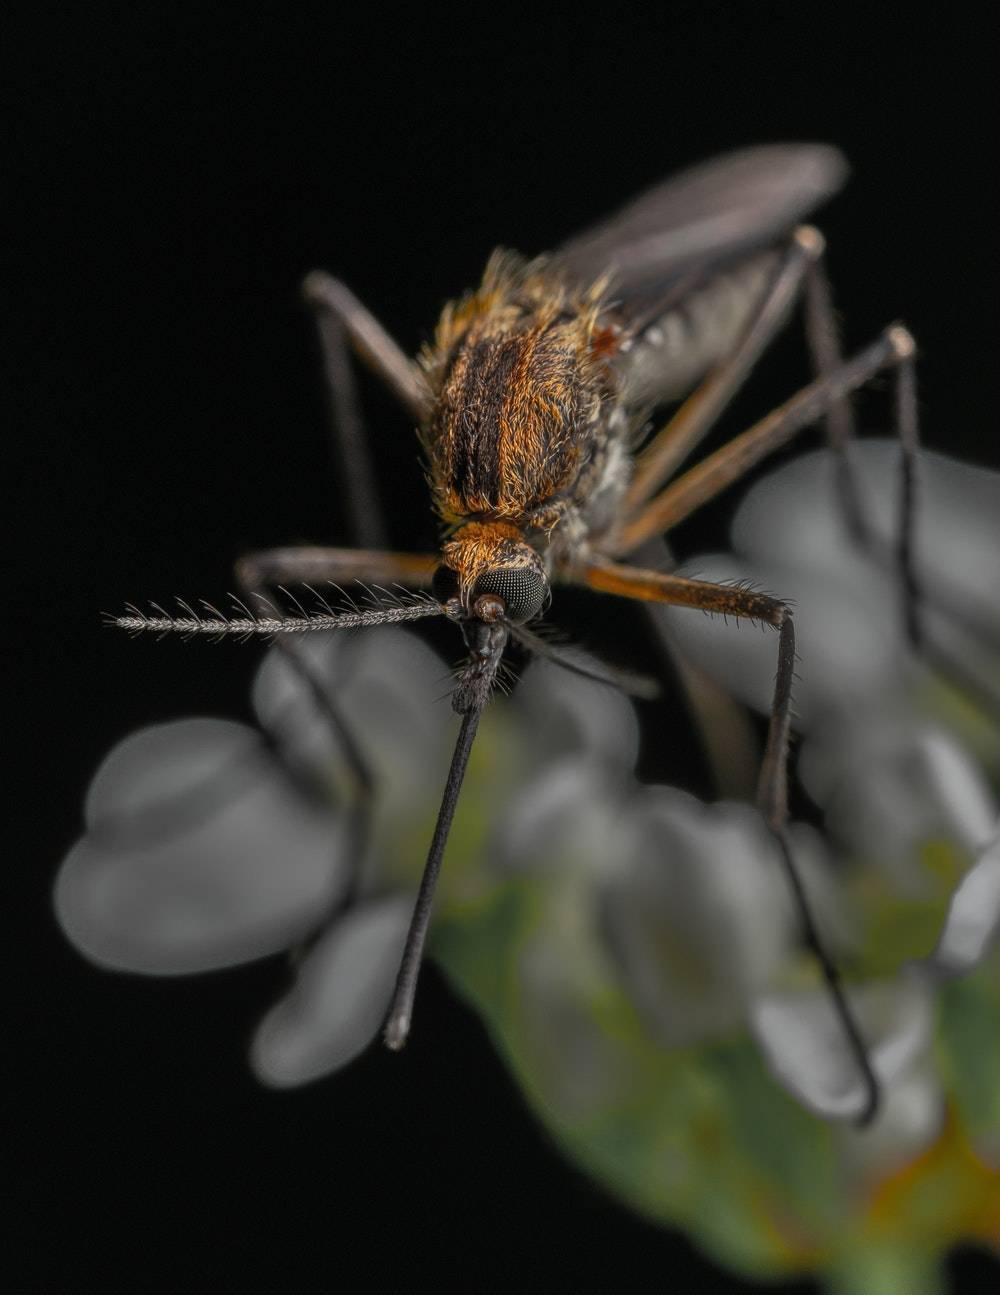 pourquoi les piqures de moustiques demangent